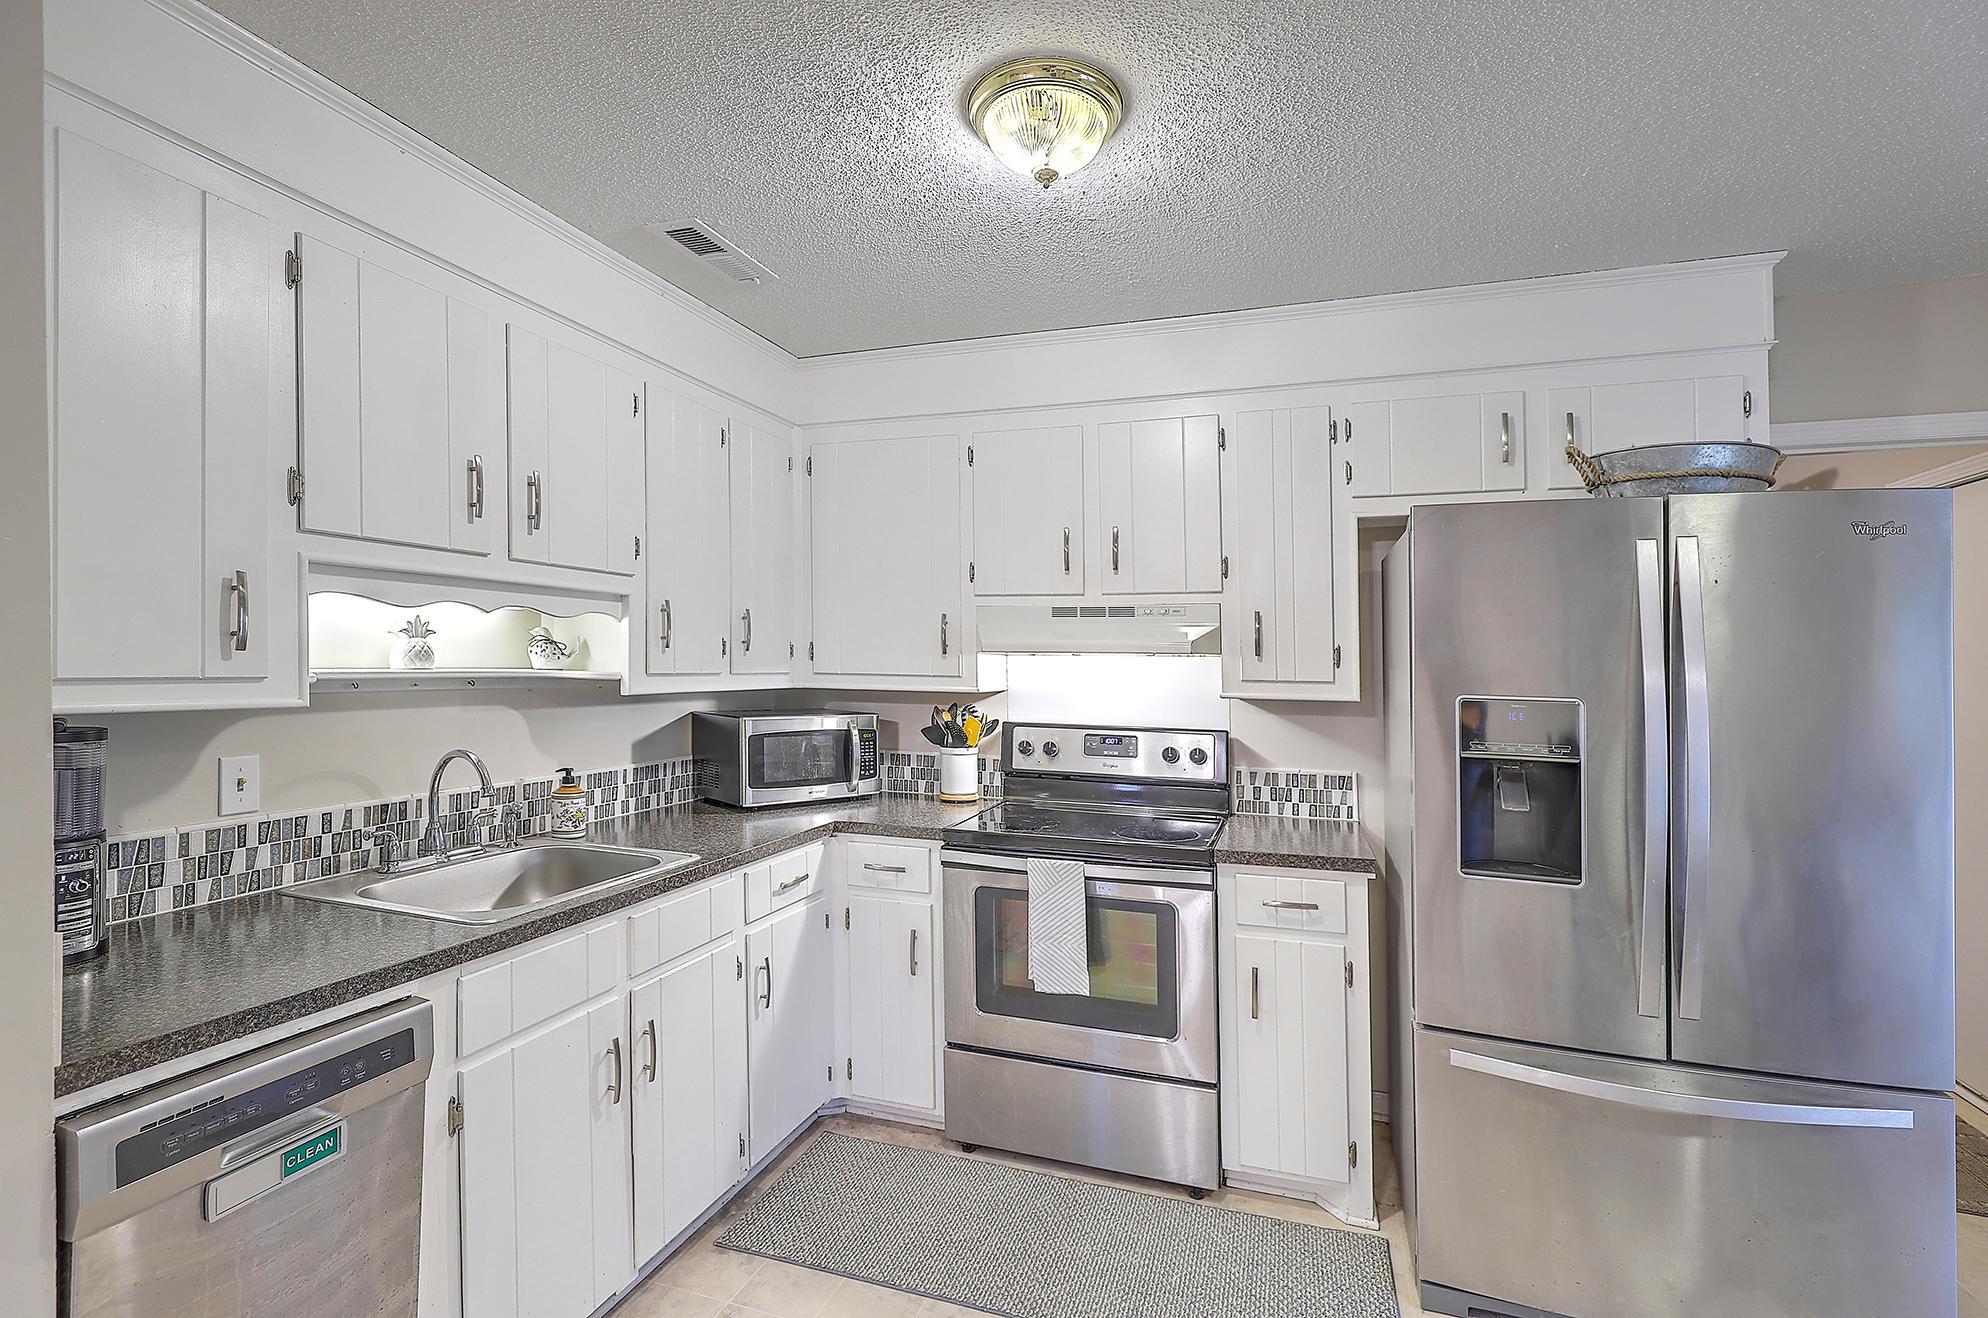 Willowbrook I Homes For Sale - 37 Delaware, Goose Creek, SC - 0